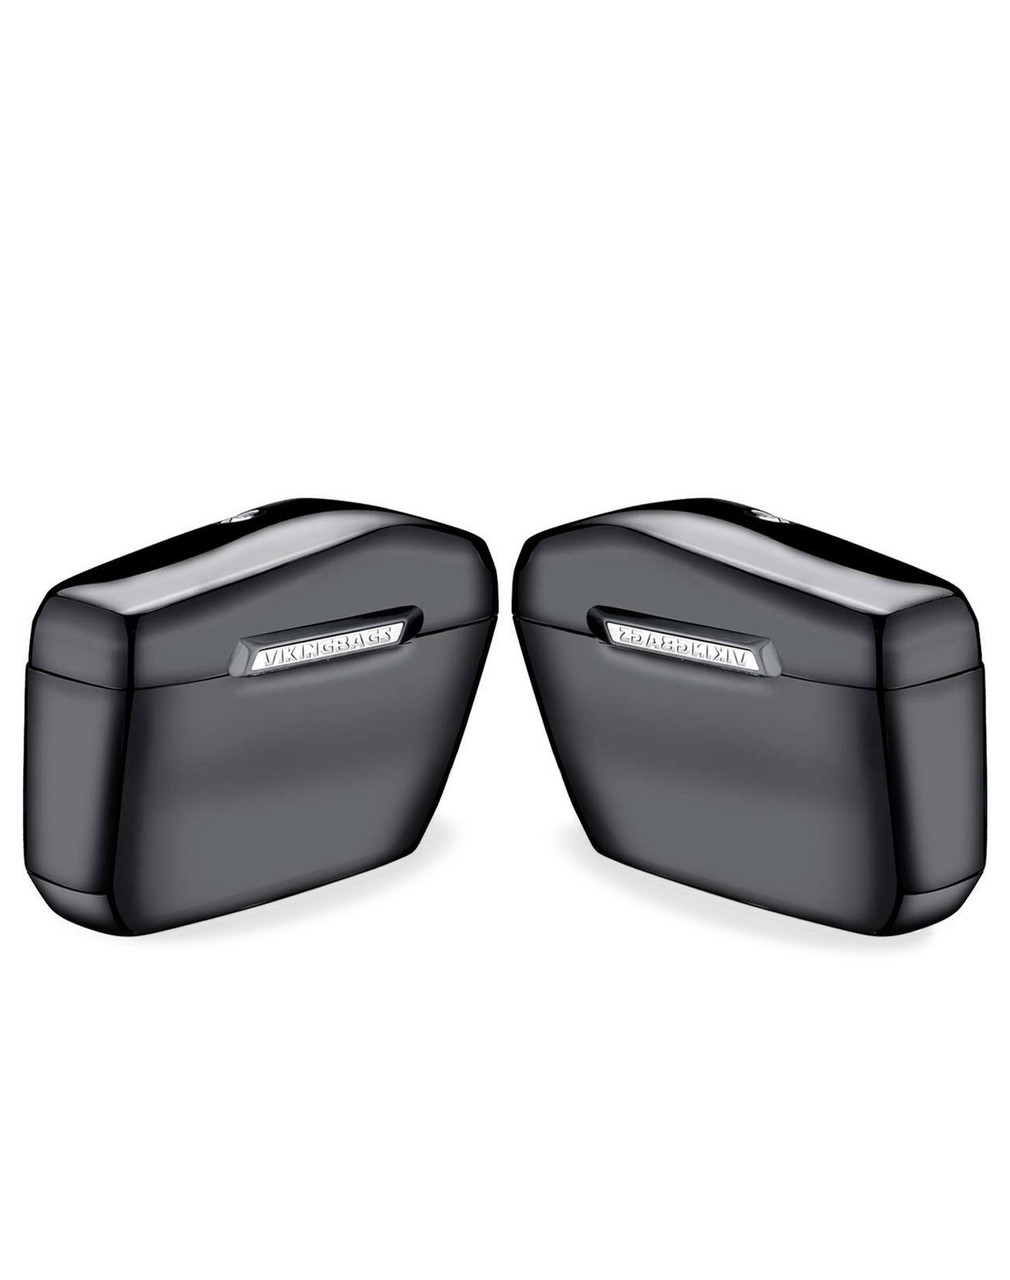 Suzuki Boulevard M90, VZ1500 Viking Lamellar Large Black Hard Saddlebags Both Bags view